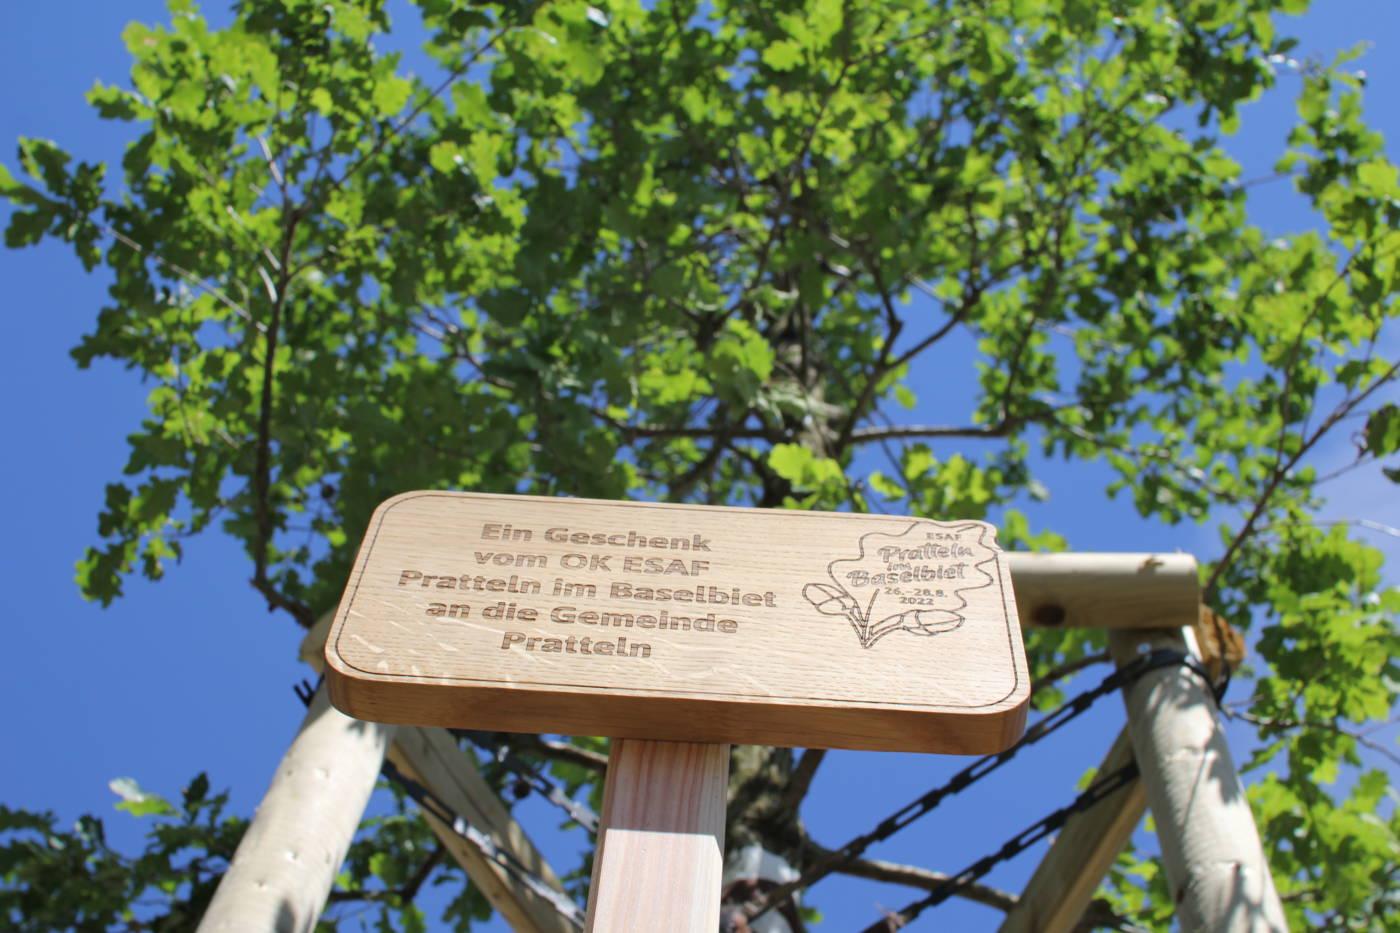 Eine Eiche für die Gemeinde Pratteln, Eidgenössisches Schwing- und Älplerfest Pratteln im Baselbiet | ESAF 2022